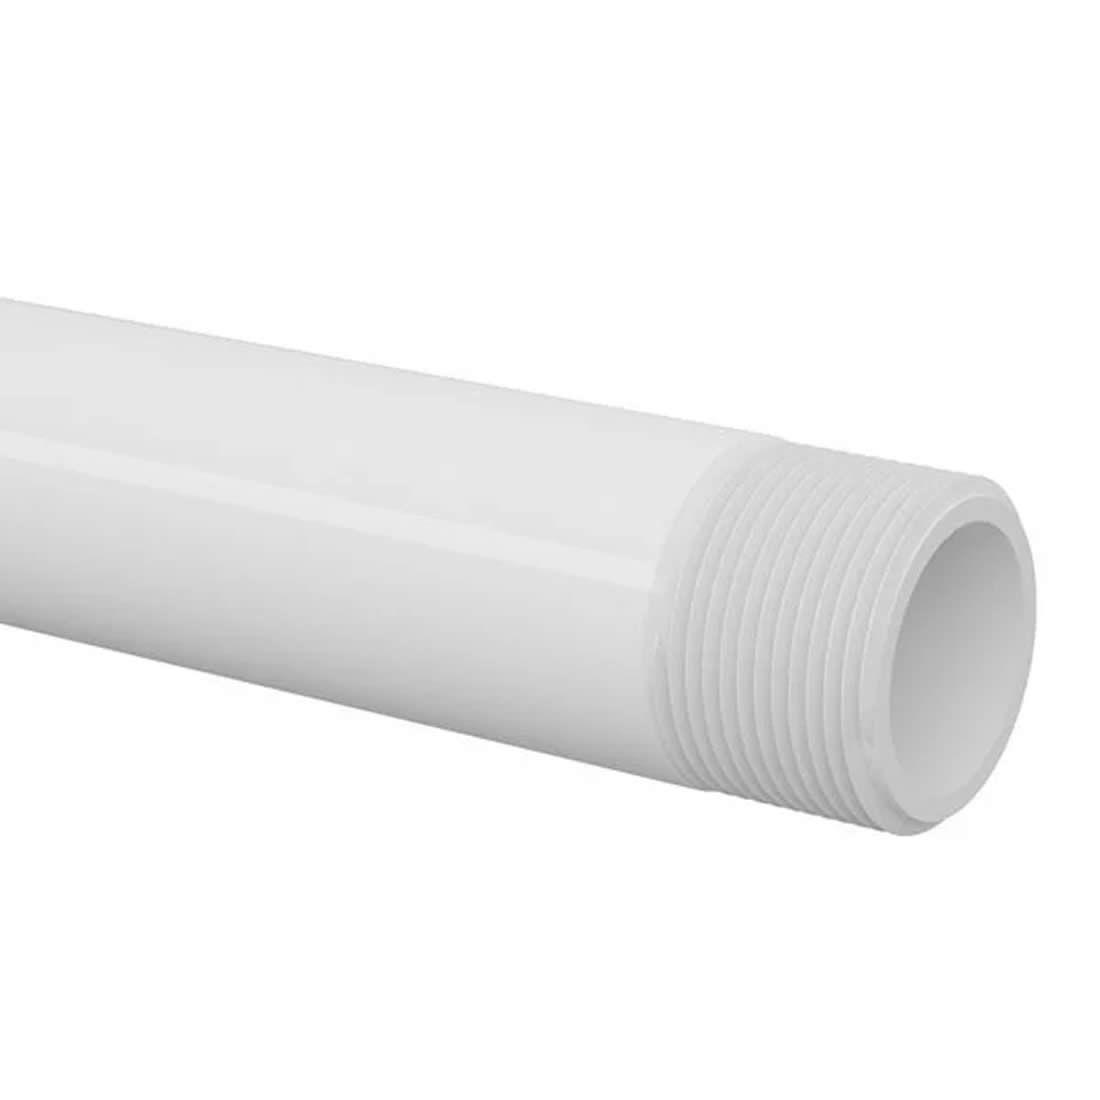 Tubo Roscável Branco 1.1/2'' X 6 Metros Tigre